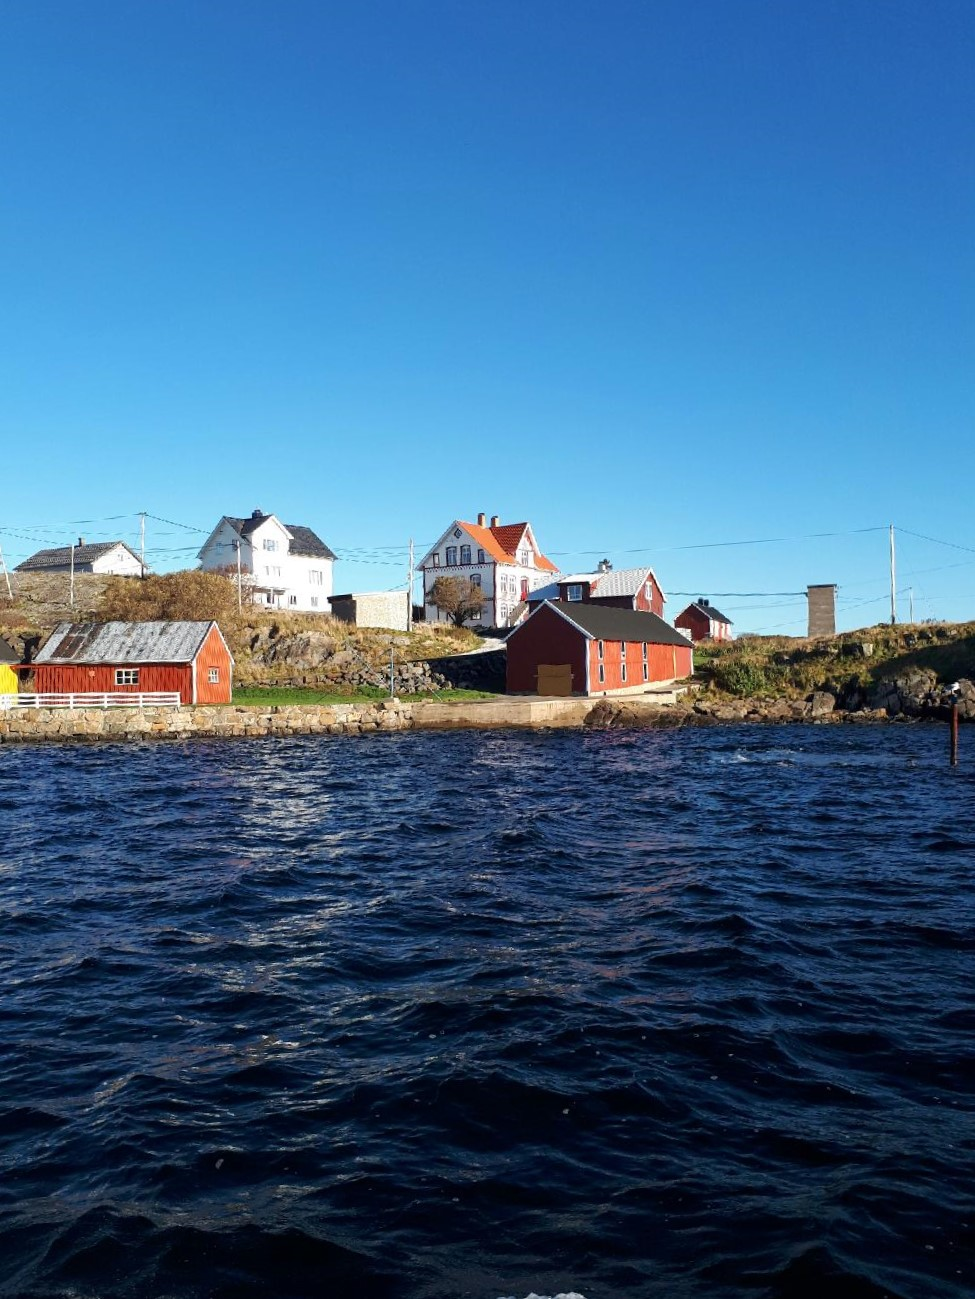 Hus på Bjørnsund sett fra båten.